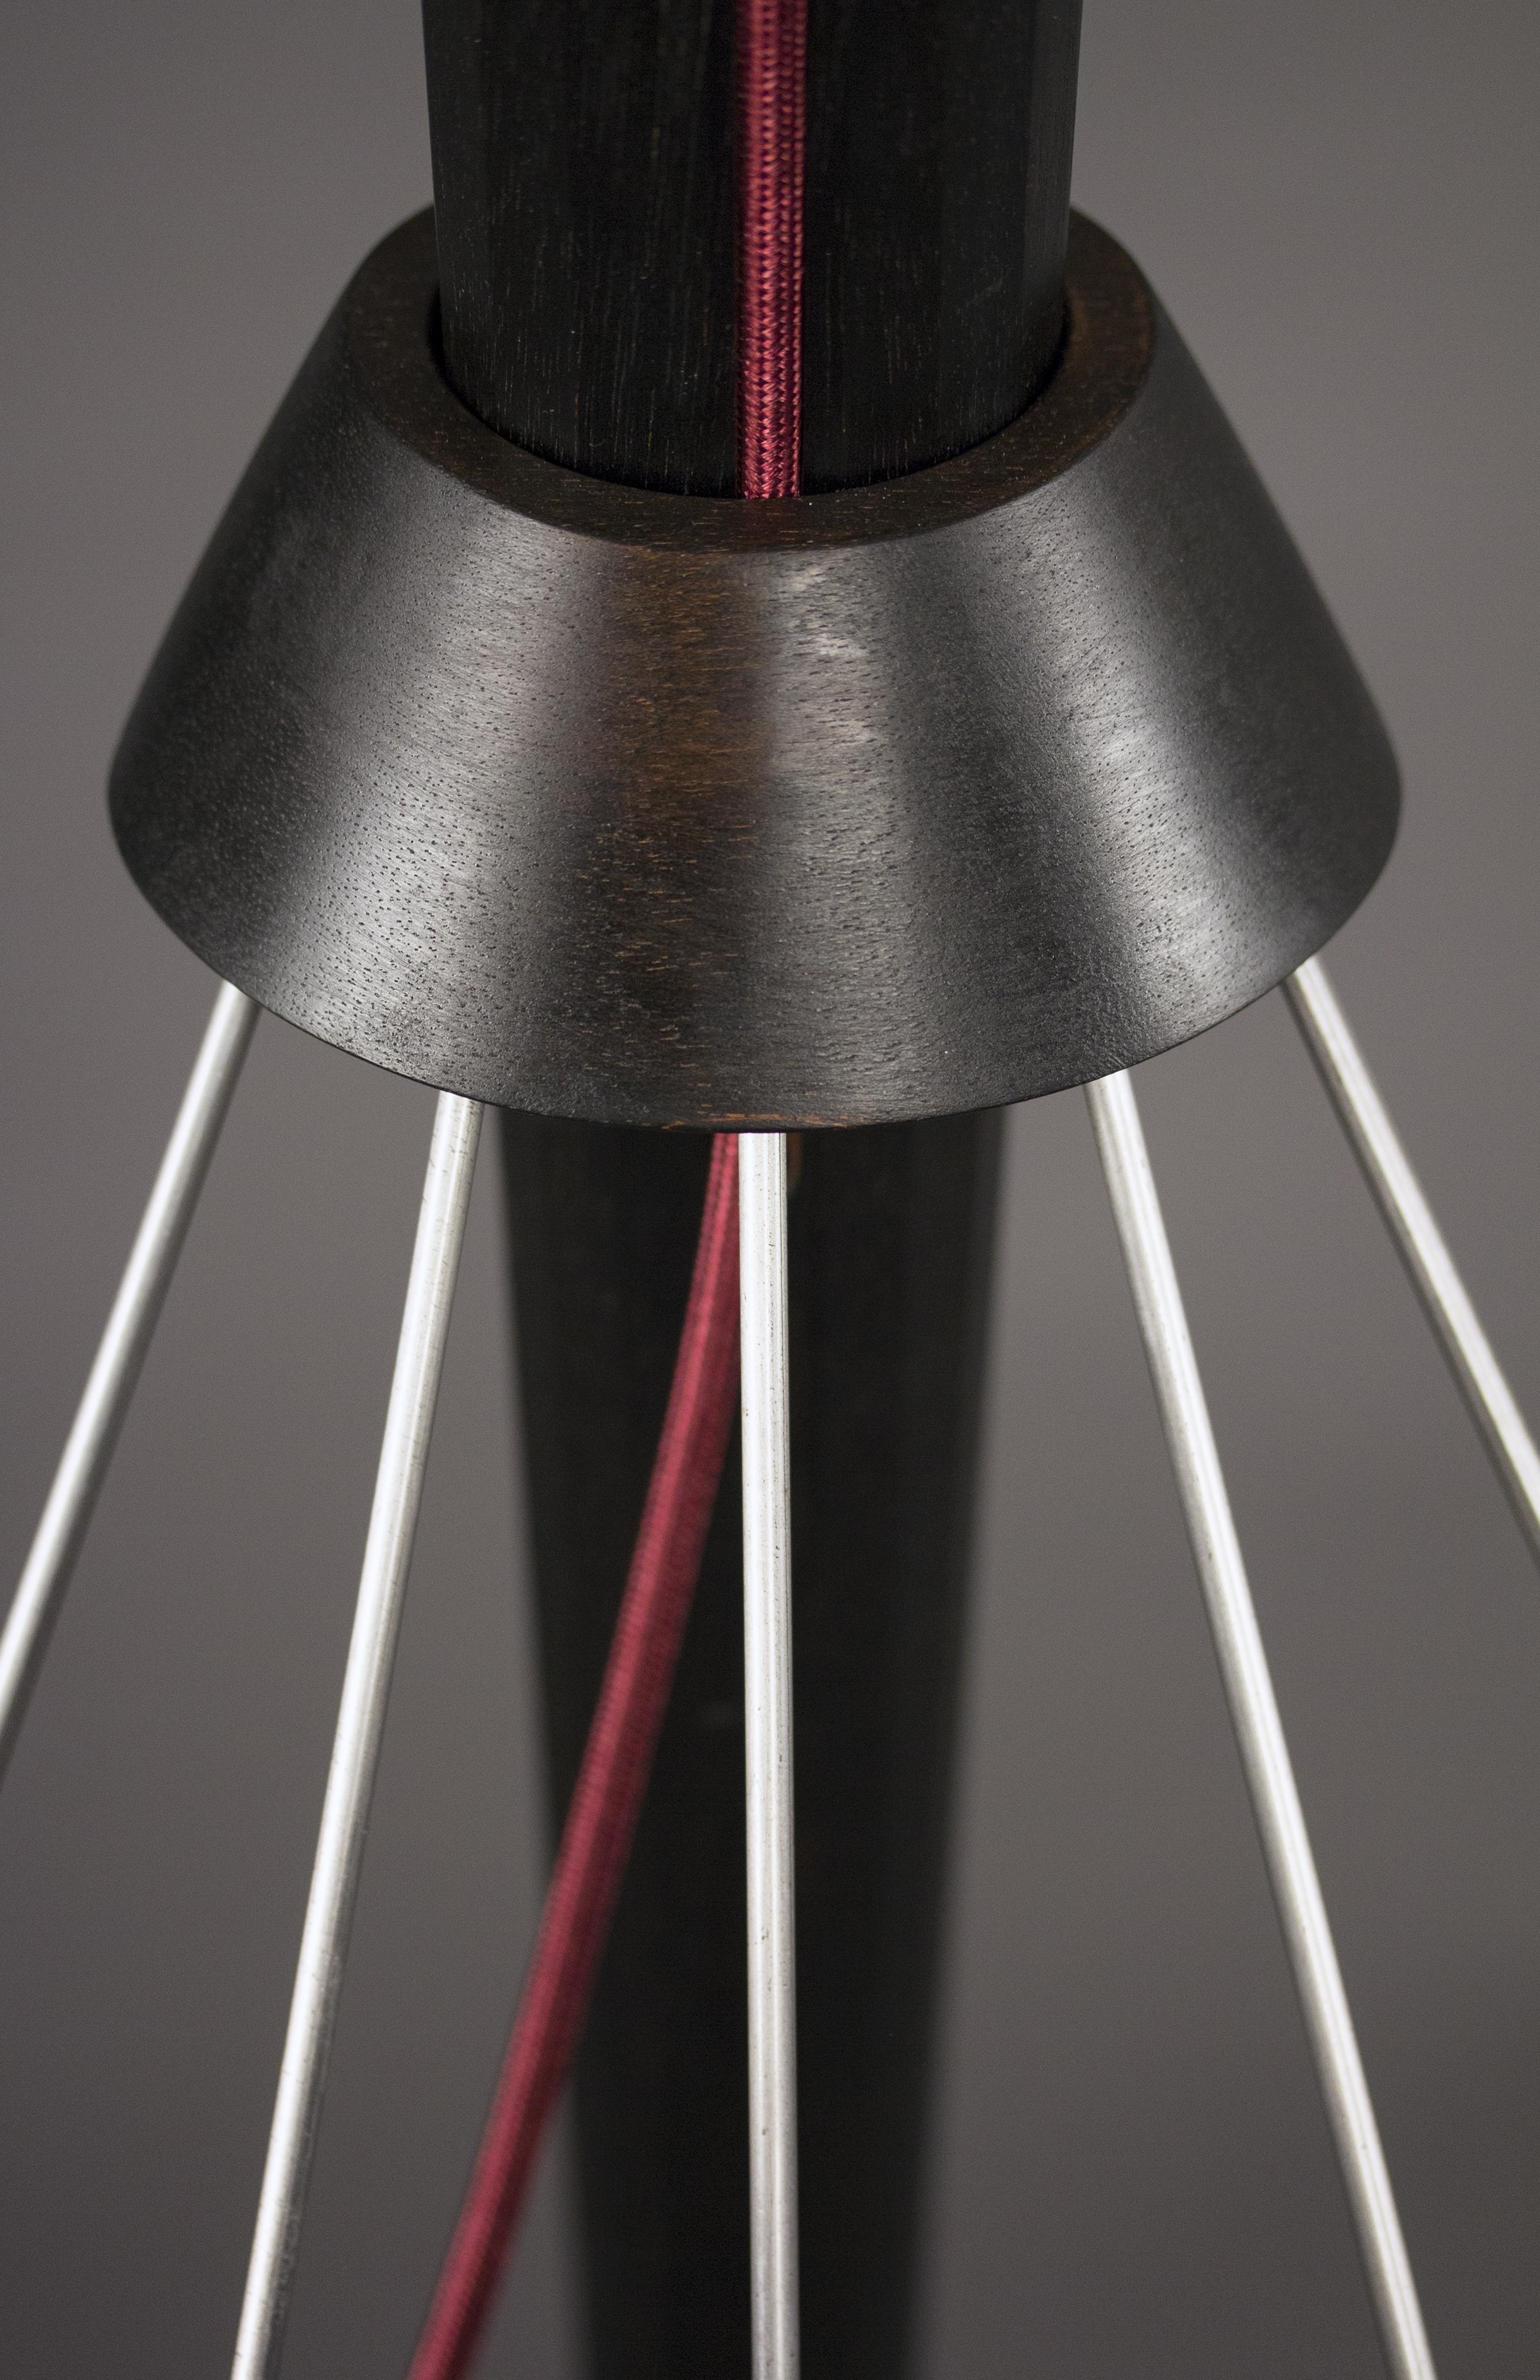 lamp_detail_cuff_1.jpg